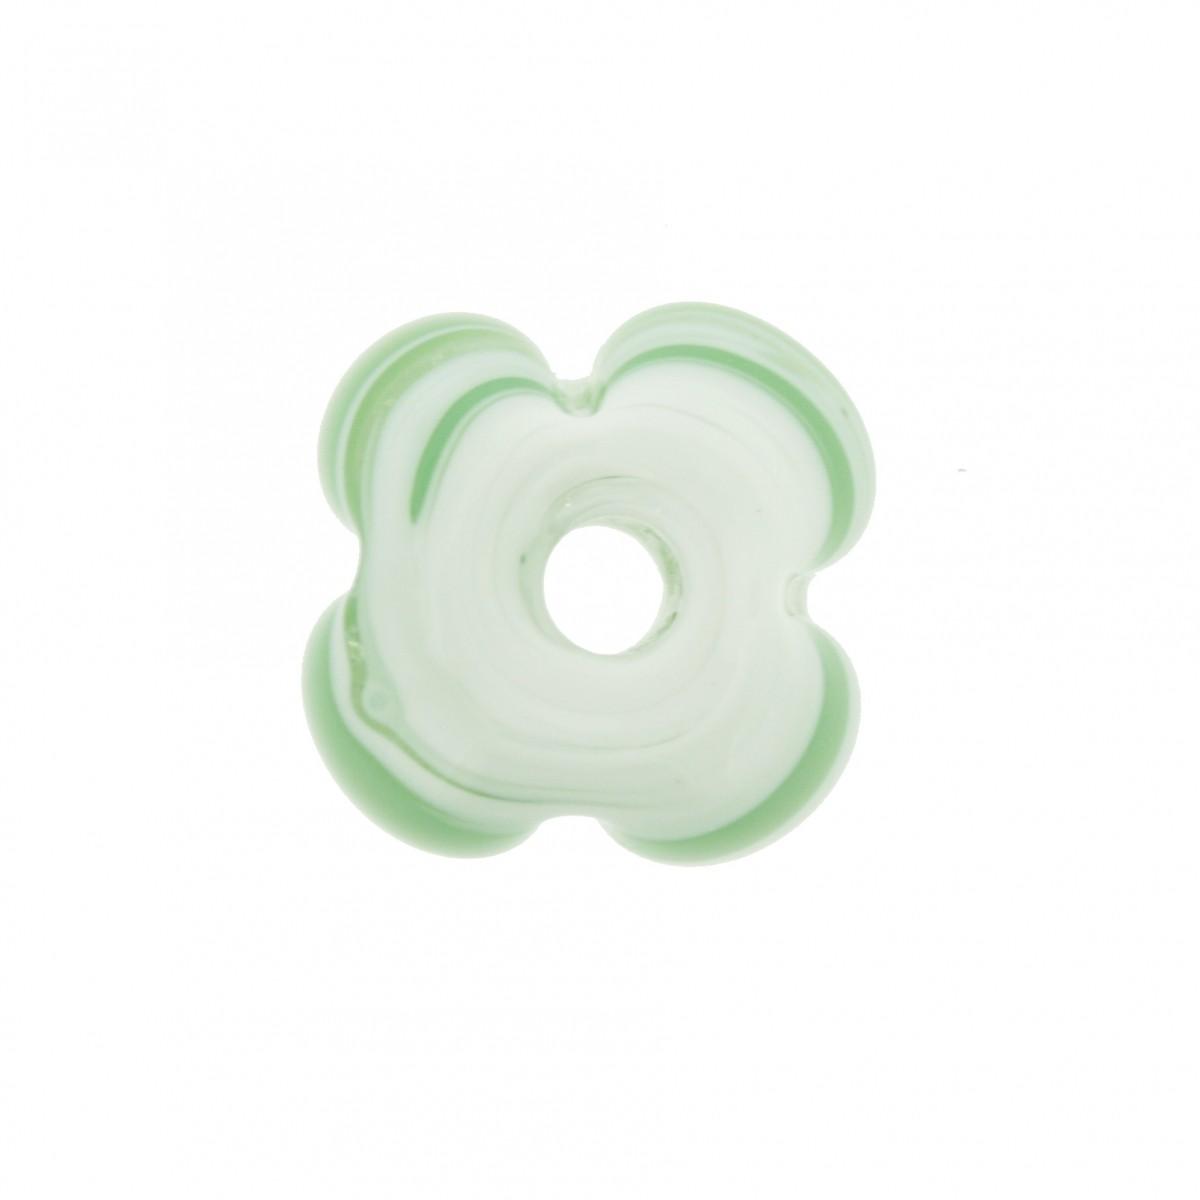 Firma Pitanga - Verde e Branca  - Universo Religioso® - Artigos de Umbanda e Candomblé